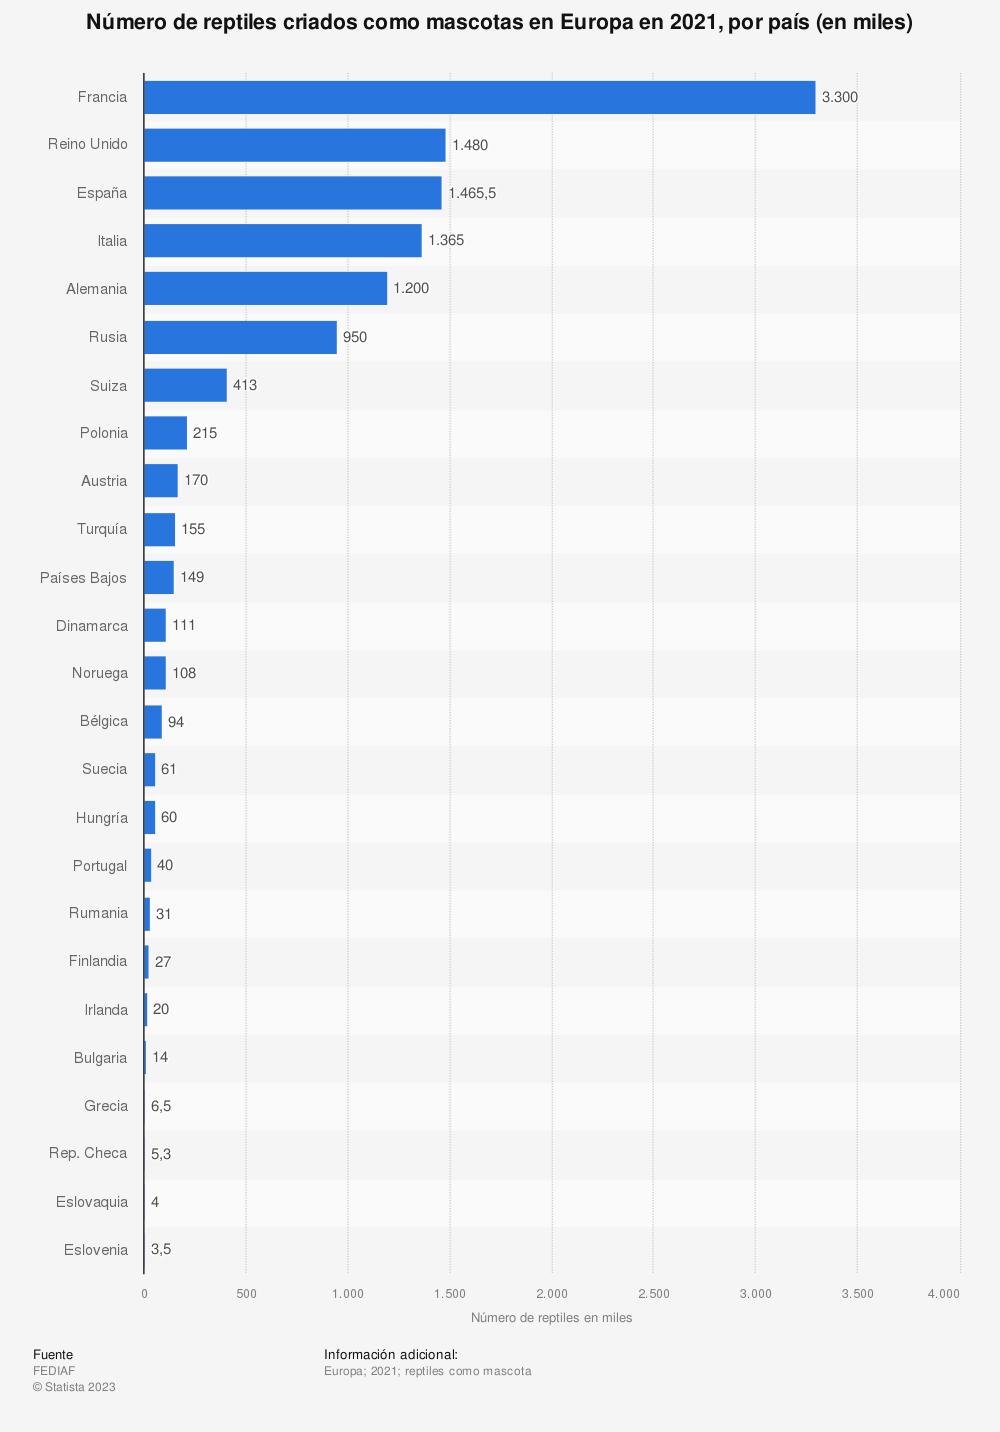 Estadística: Número de reptiles criados como mascotas en la Unión Europea por país en 2018 (en miles de reptiles) | Statista